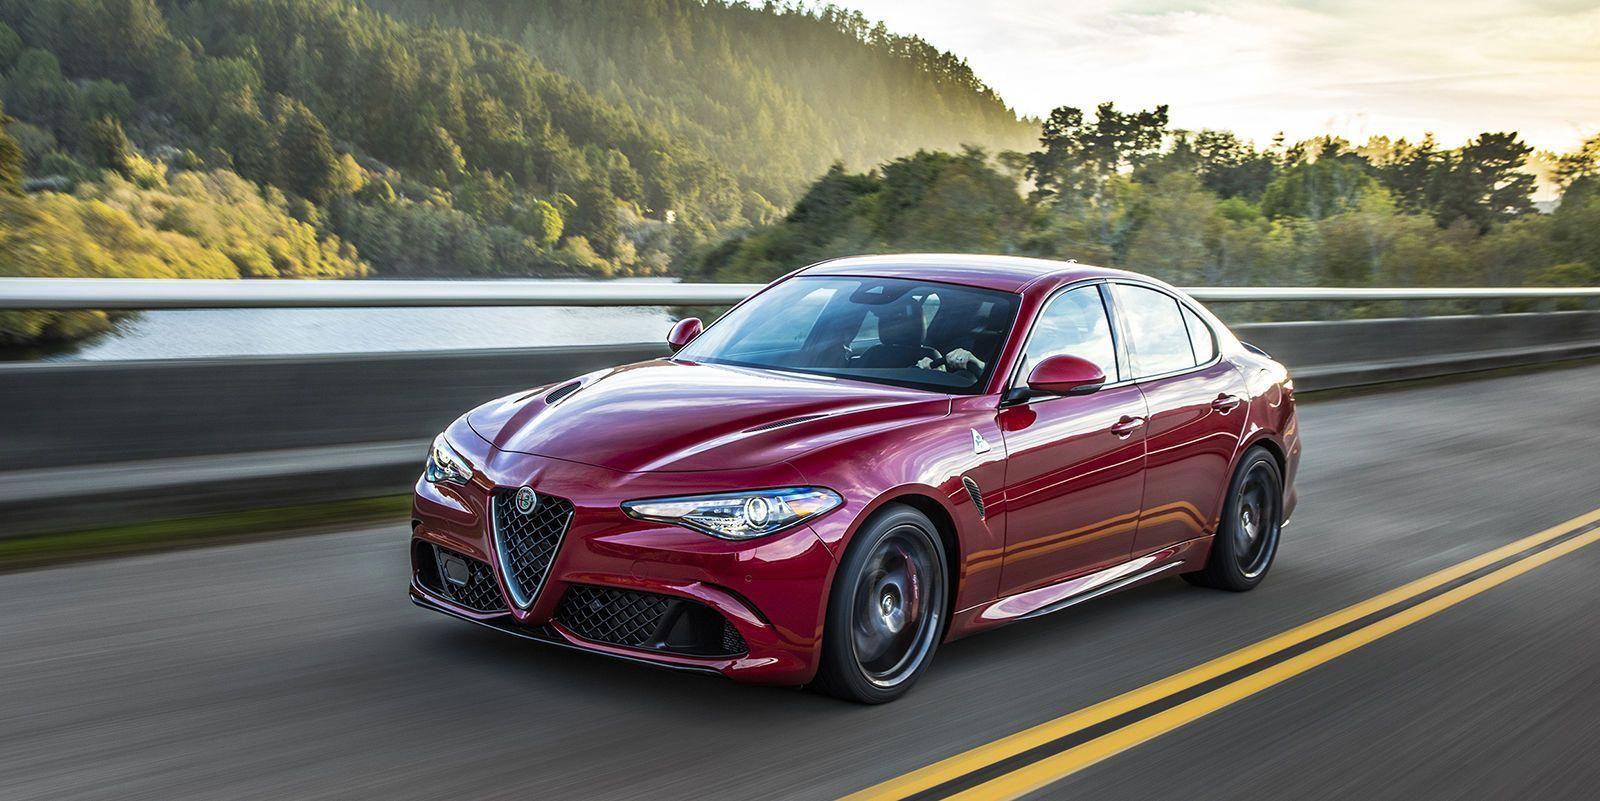 The Alfa Romeo Giulia Quadrifoglio Is More Expensive Than An M3 Lamborghini Alfa Romeo Giulia Quadrifoglio Alfa Romeo Giulia Alfa Romeo